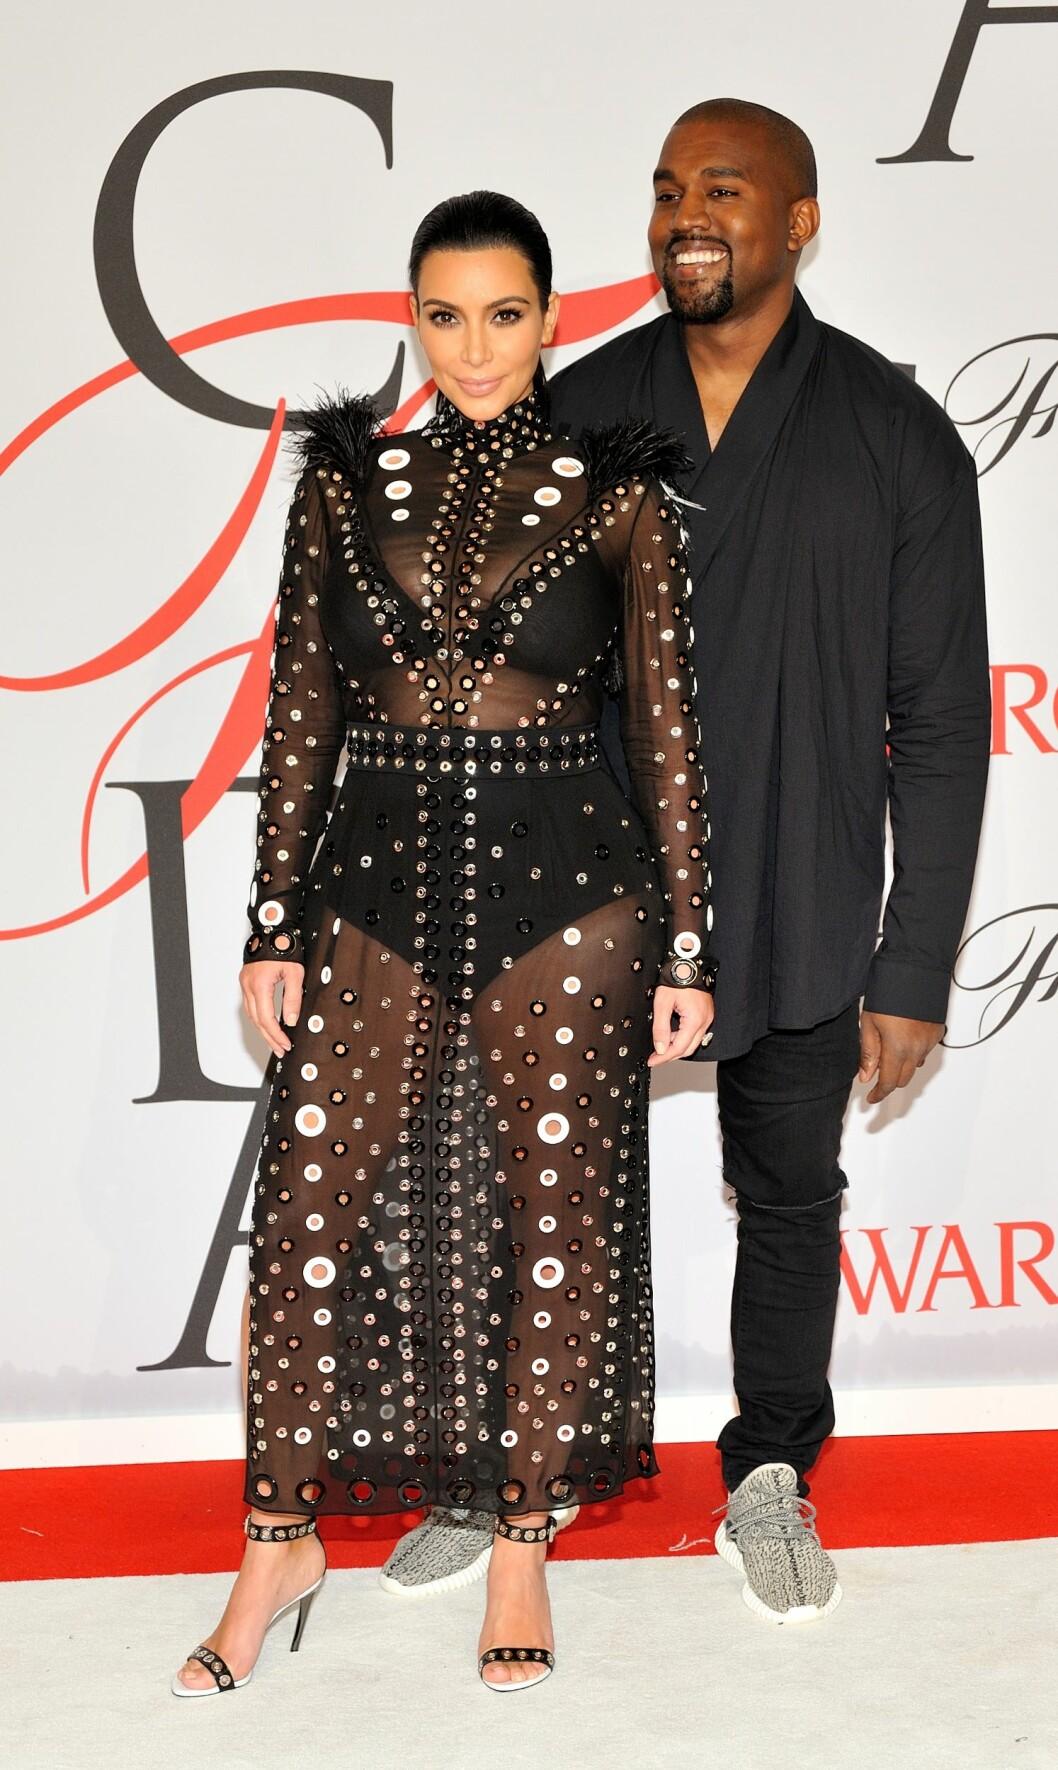 GJENNOMSIKTIG: Under dette svangerskapet har Kim Kardashian hatt dilla på blonder og gjennomsiktige antrekk. Her fra CFDA Fashion Awards i New York 1. juni. Foto: NTB Scanpix